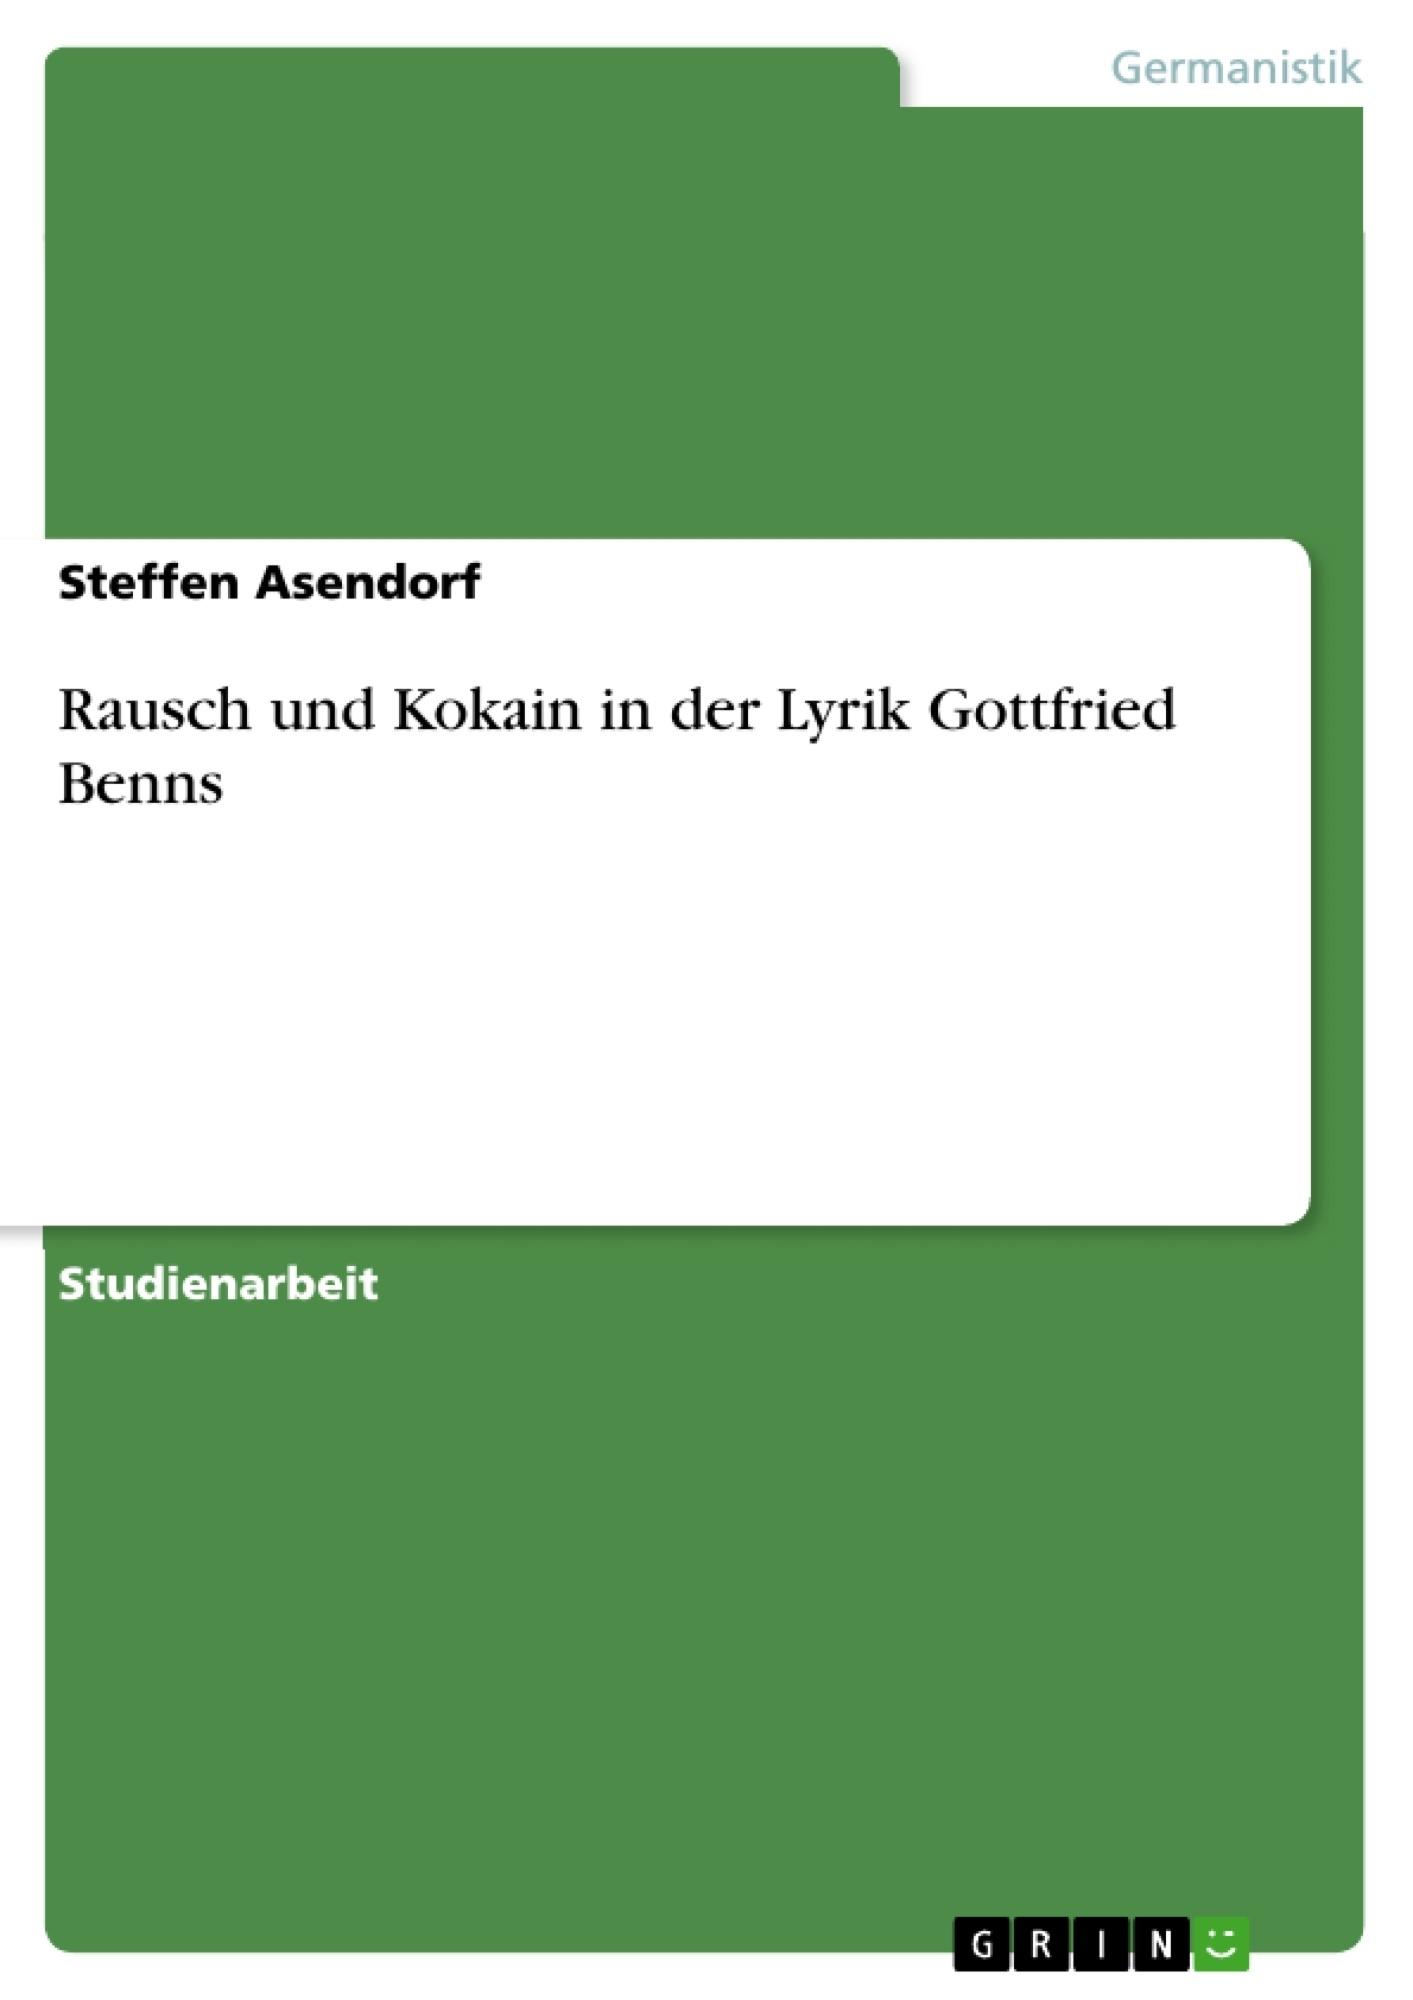 Titel: Rausch und Kokain in der Lyrik Gottfried Benns